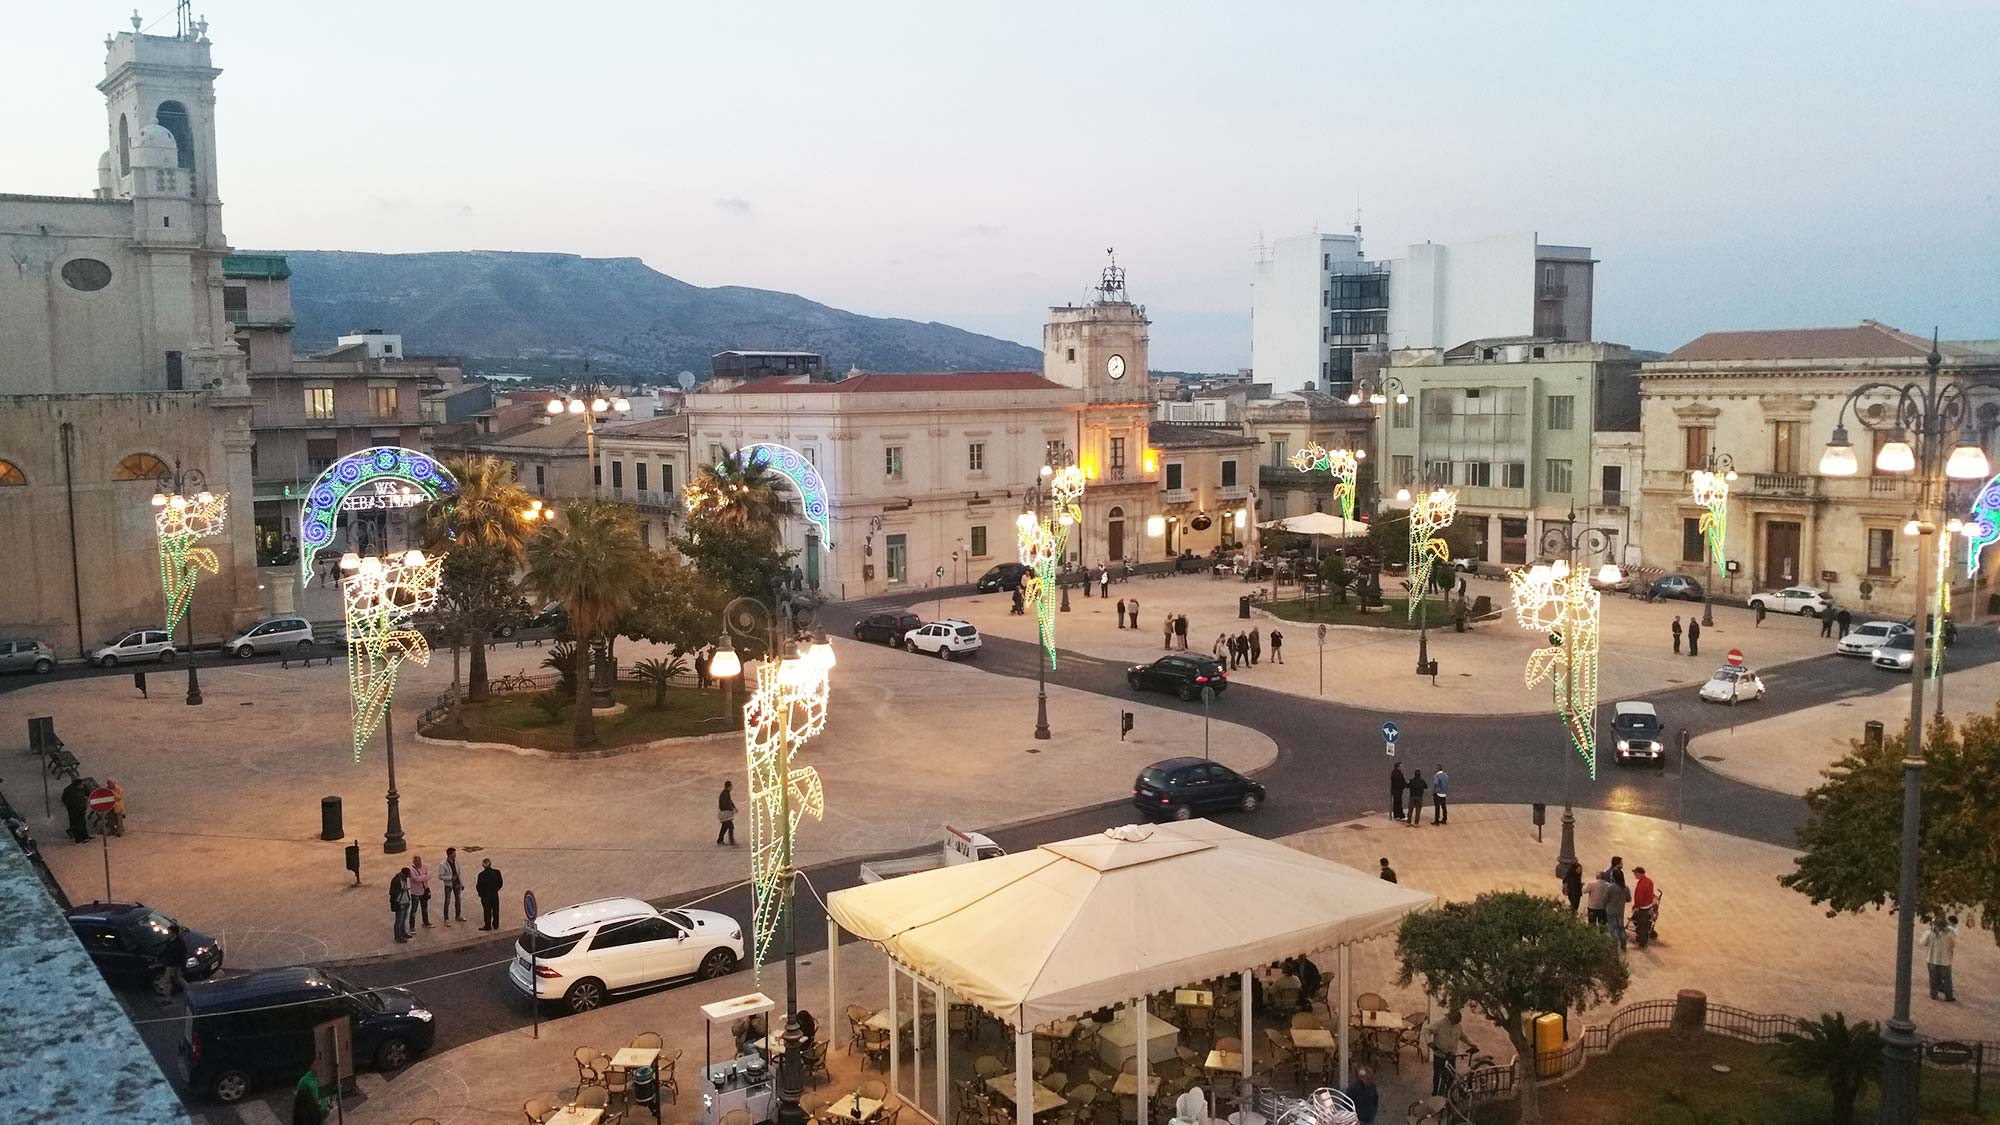 Hotel_Sicilia_Avola_B&B_Avola_Albergo_Sicilia_Piazza_centro_mare_camera